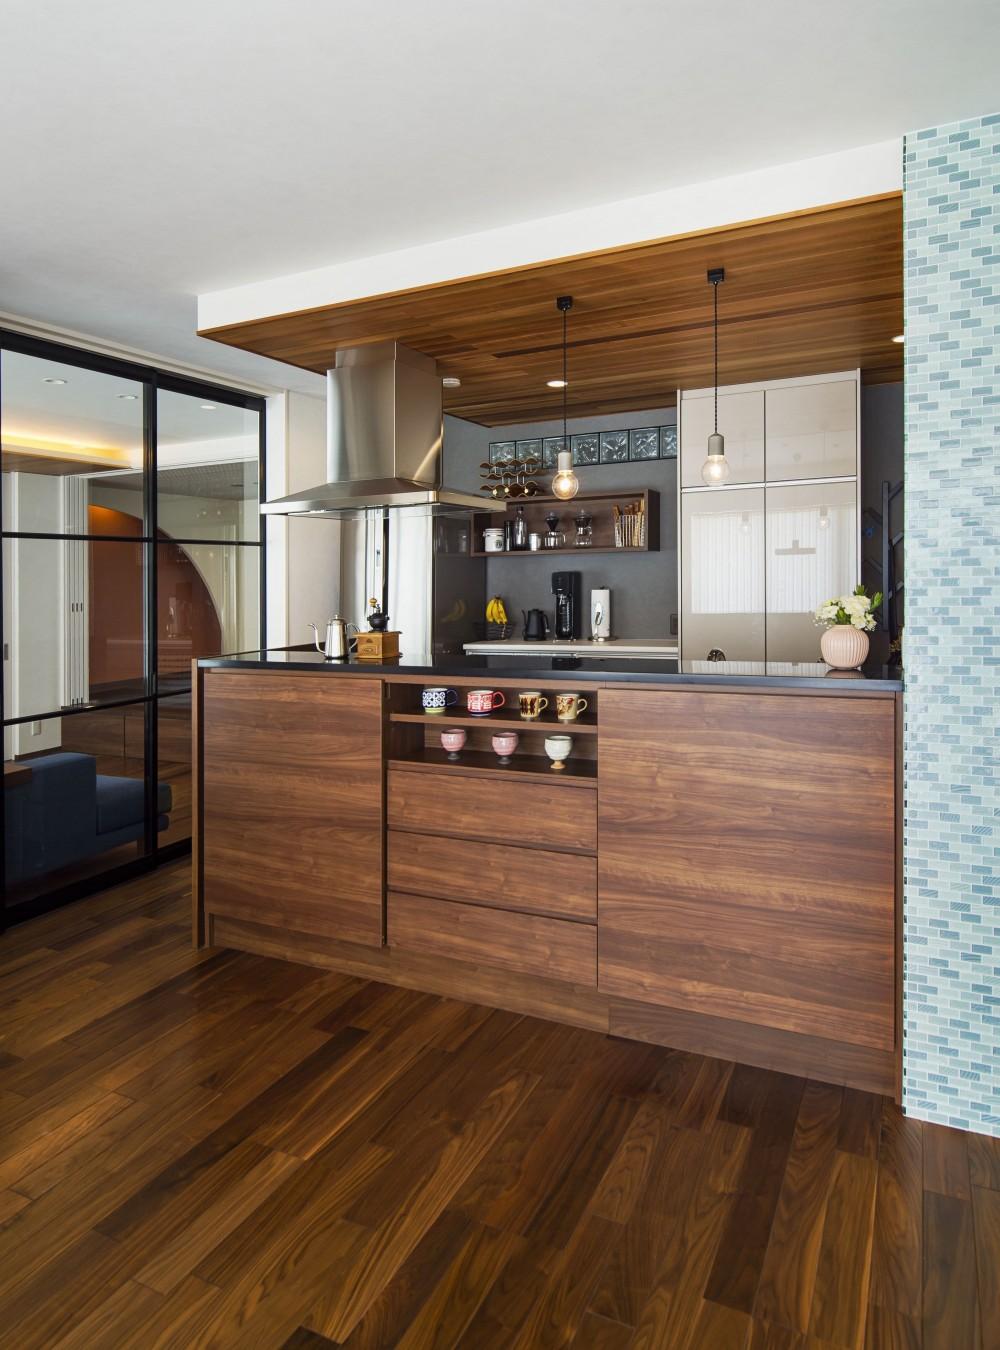 キッチンを家の中心に配置。便利な家事動線と子供を常に見守れる間取りにリフォーム。 (木質感あふれるキッチン空間)